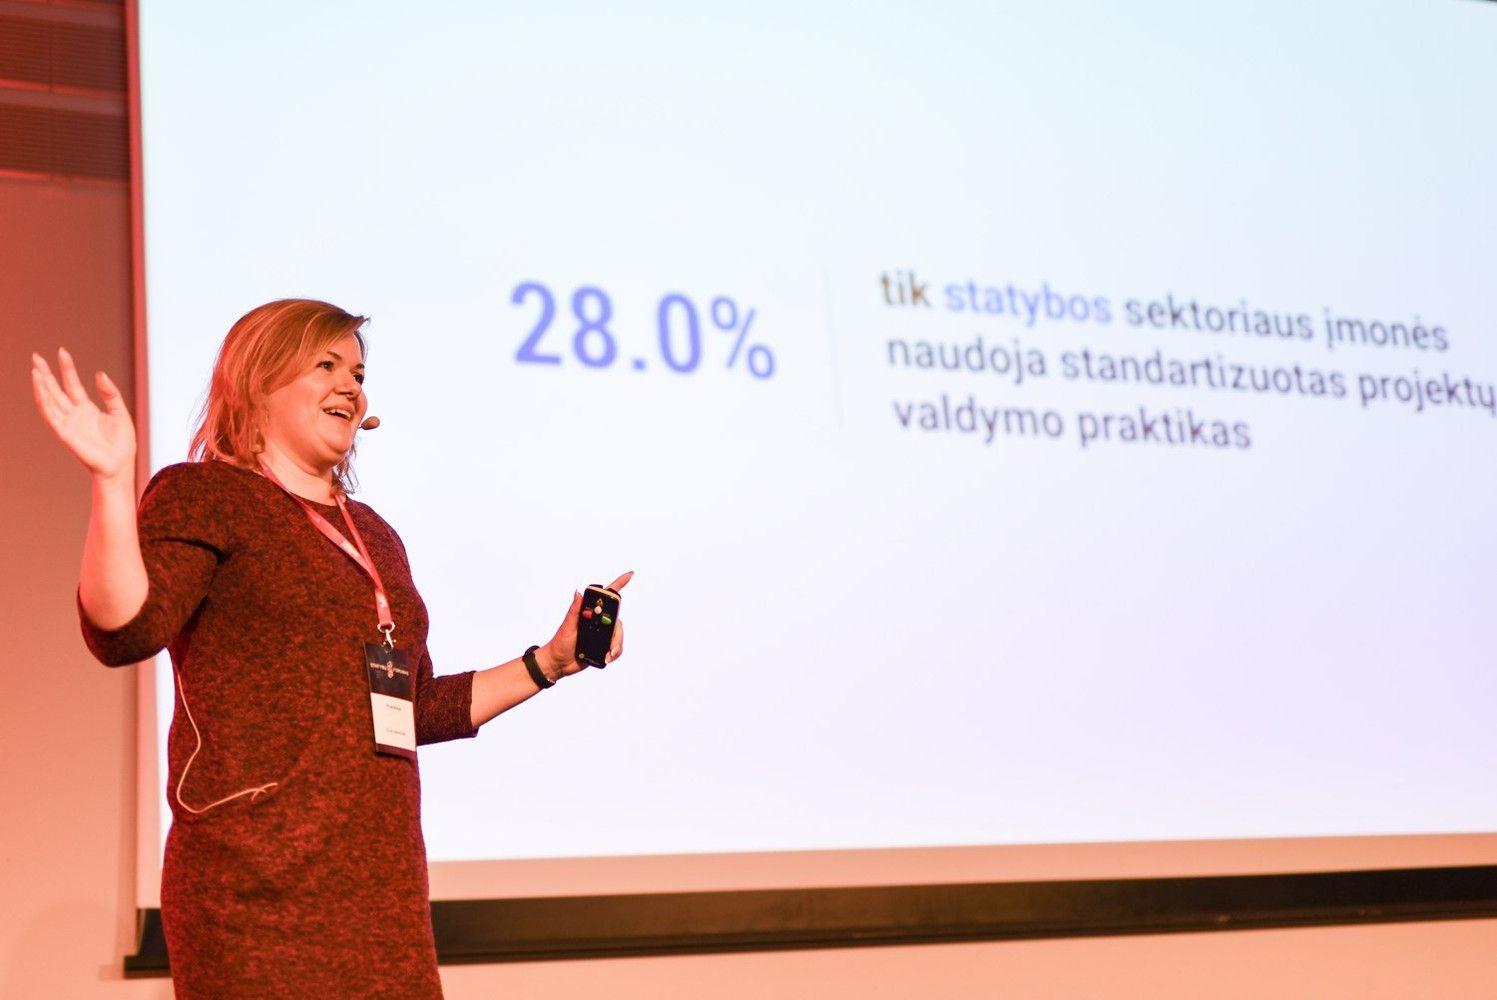 Verslo konsultantė: kaip statybos įmonių efektyvumą padidinti iki 20%